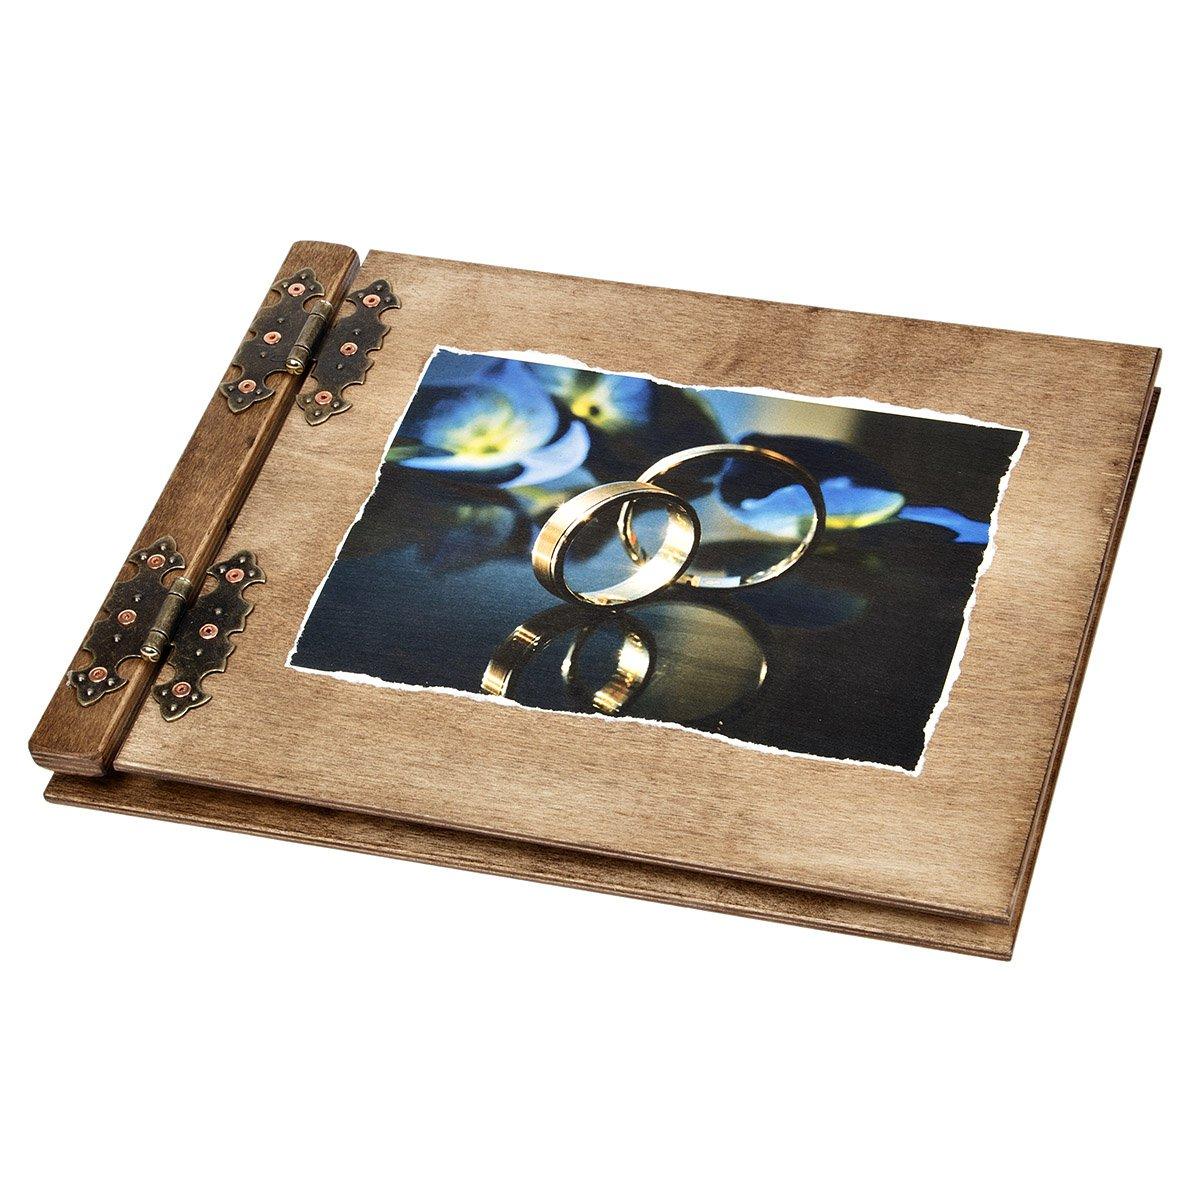 100 Blatt Holzgästebuch zur Hochzeit 2 spiegelnde Eheringe